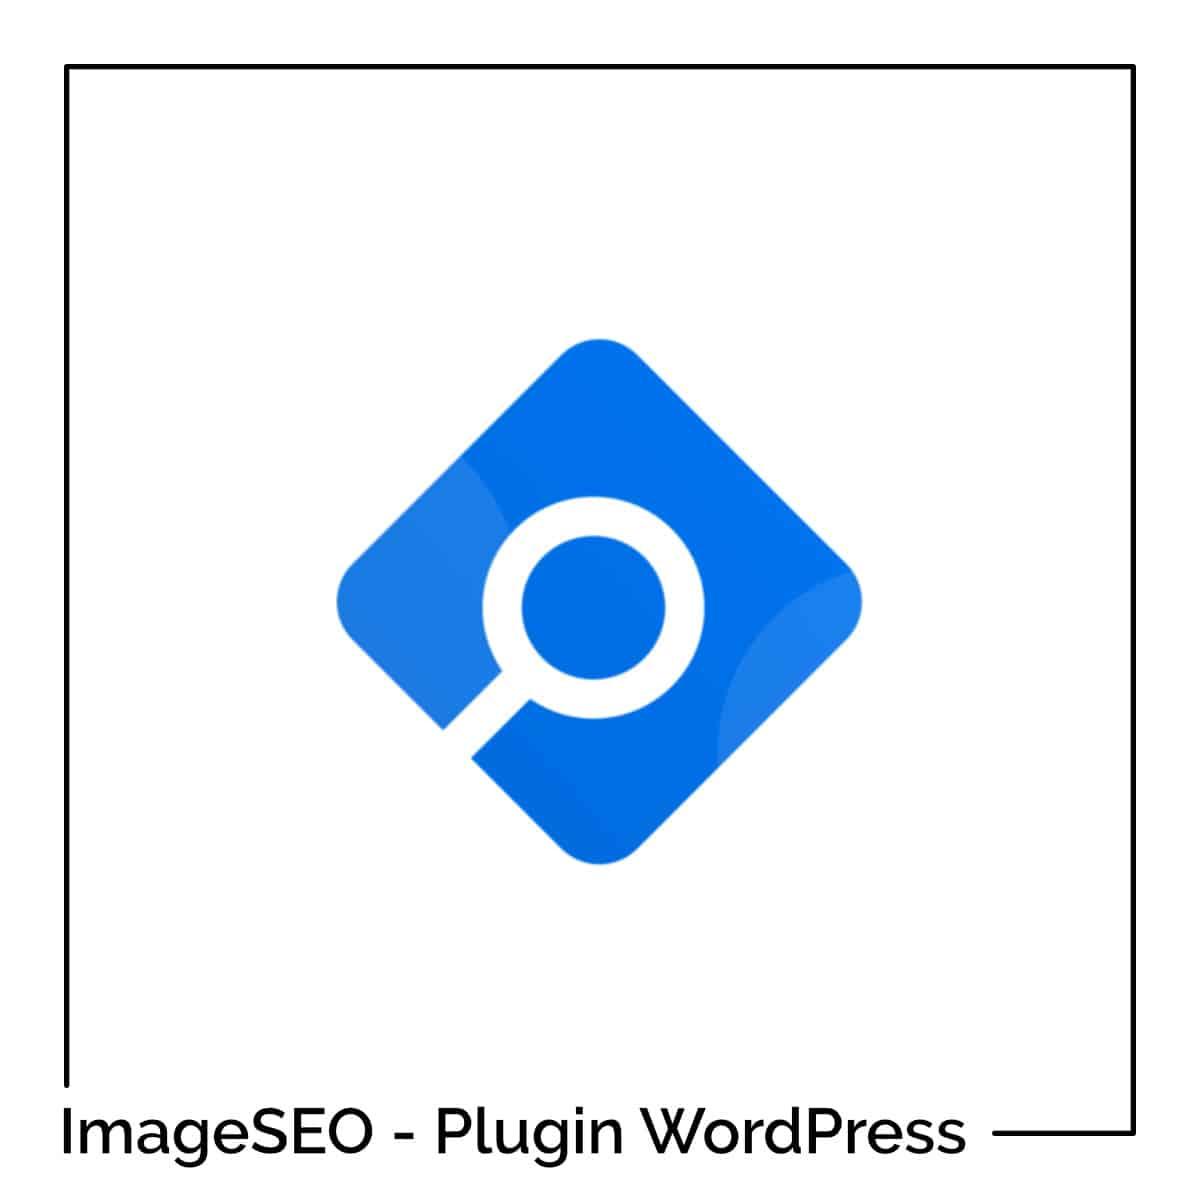 Test de ImageSEO plugin